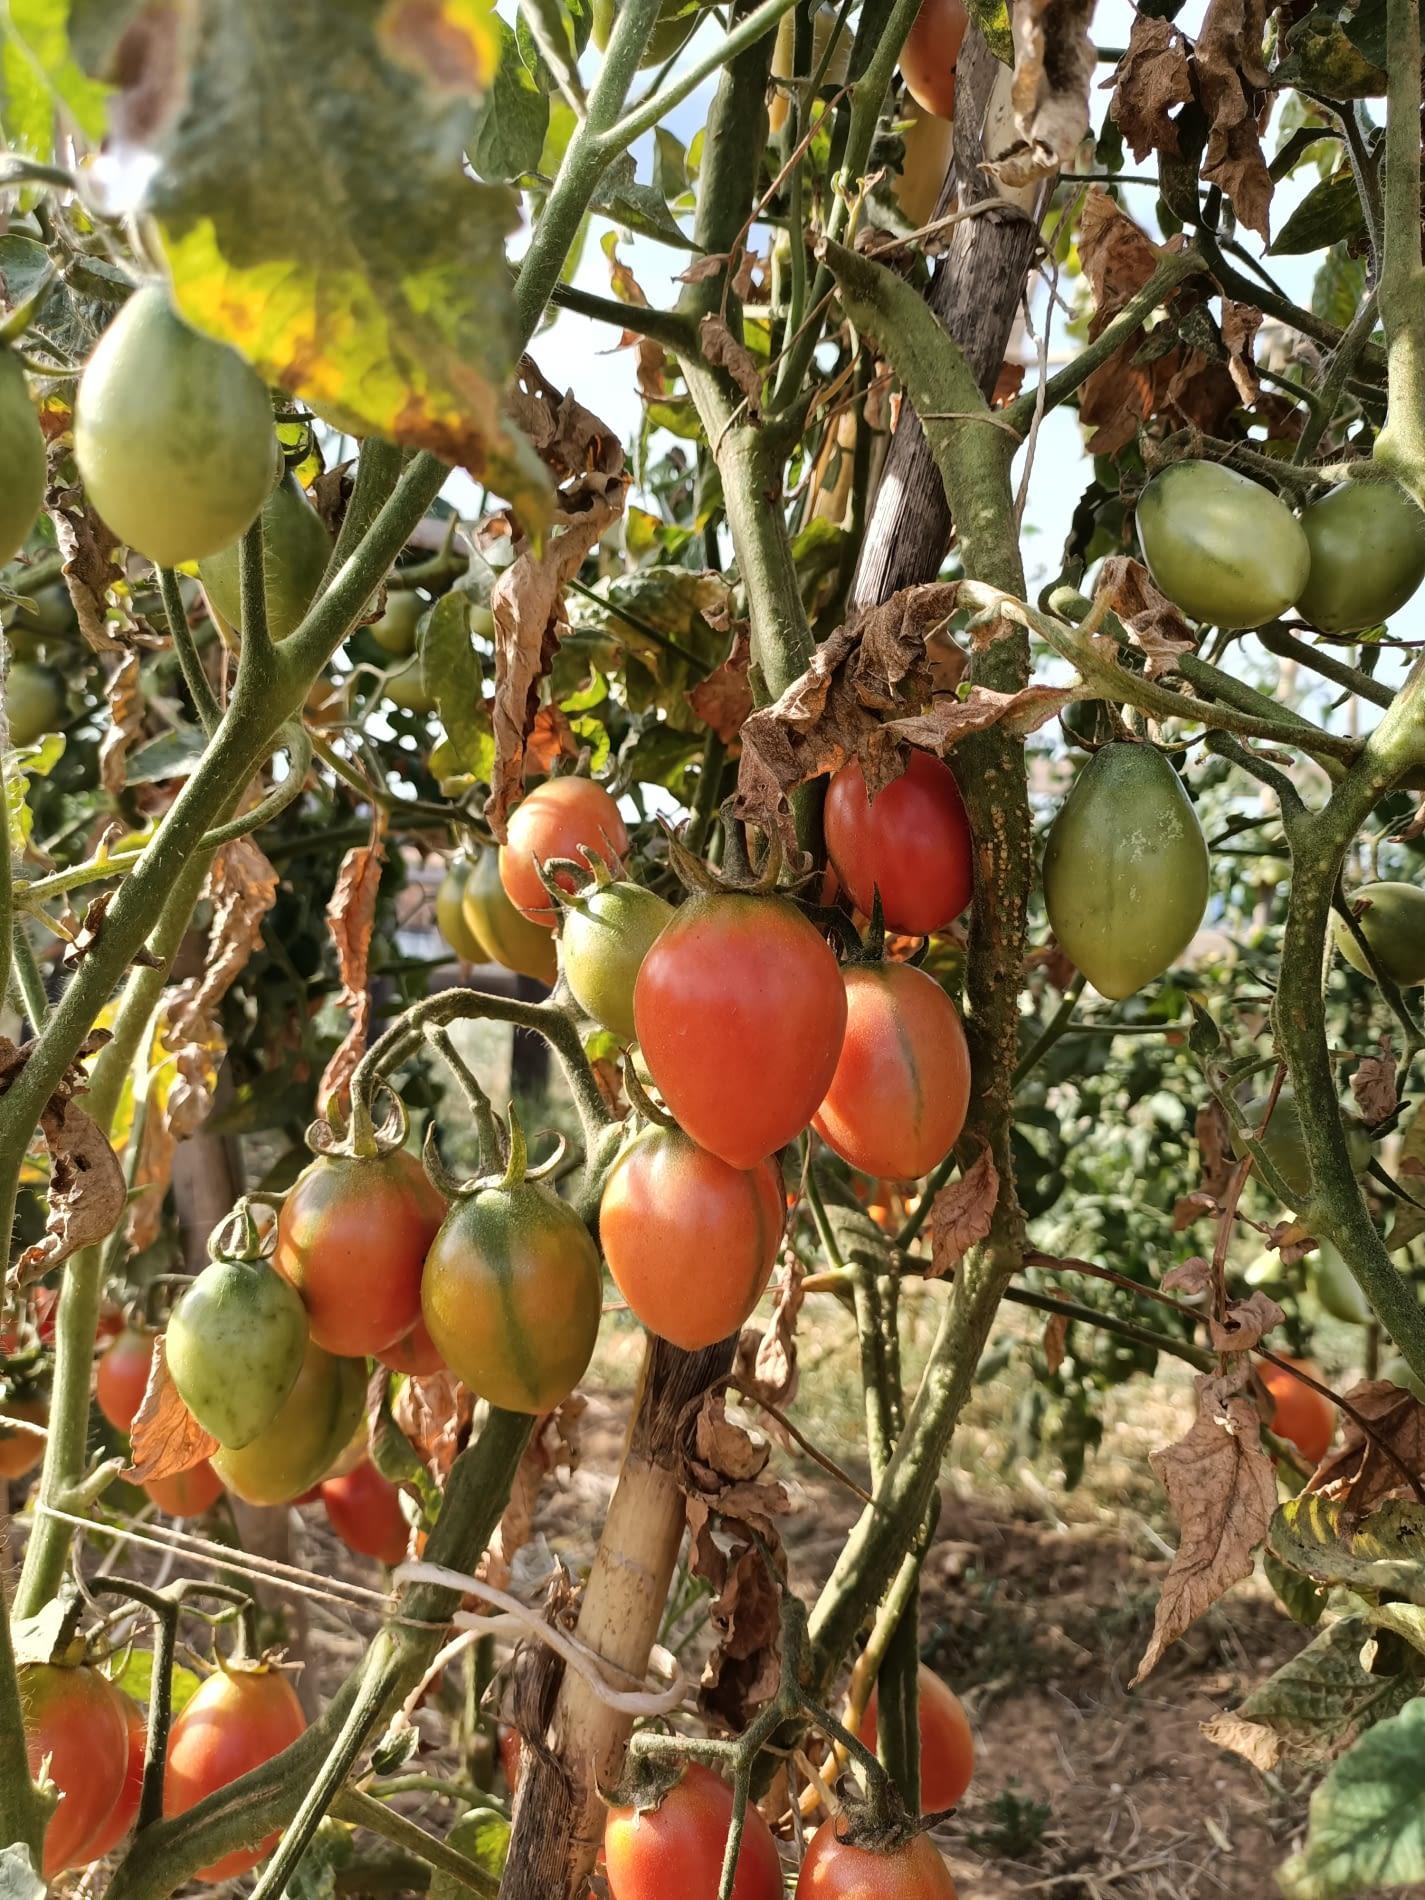 foto tomata pruna